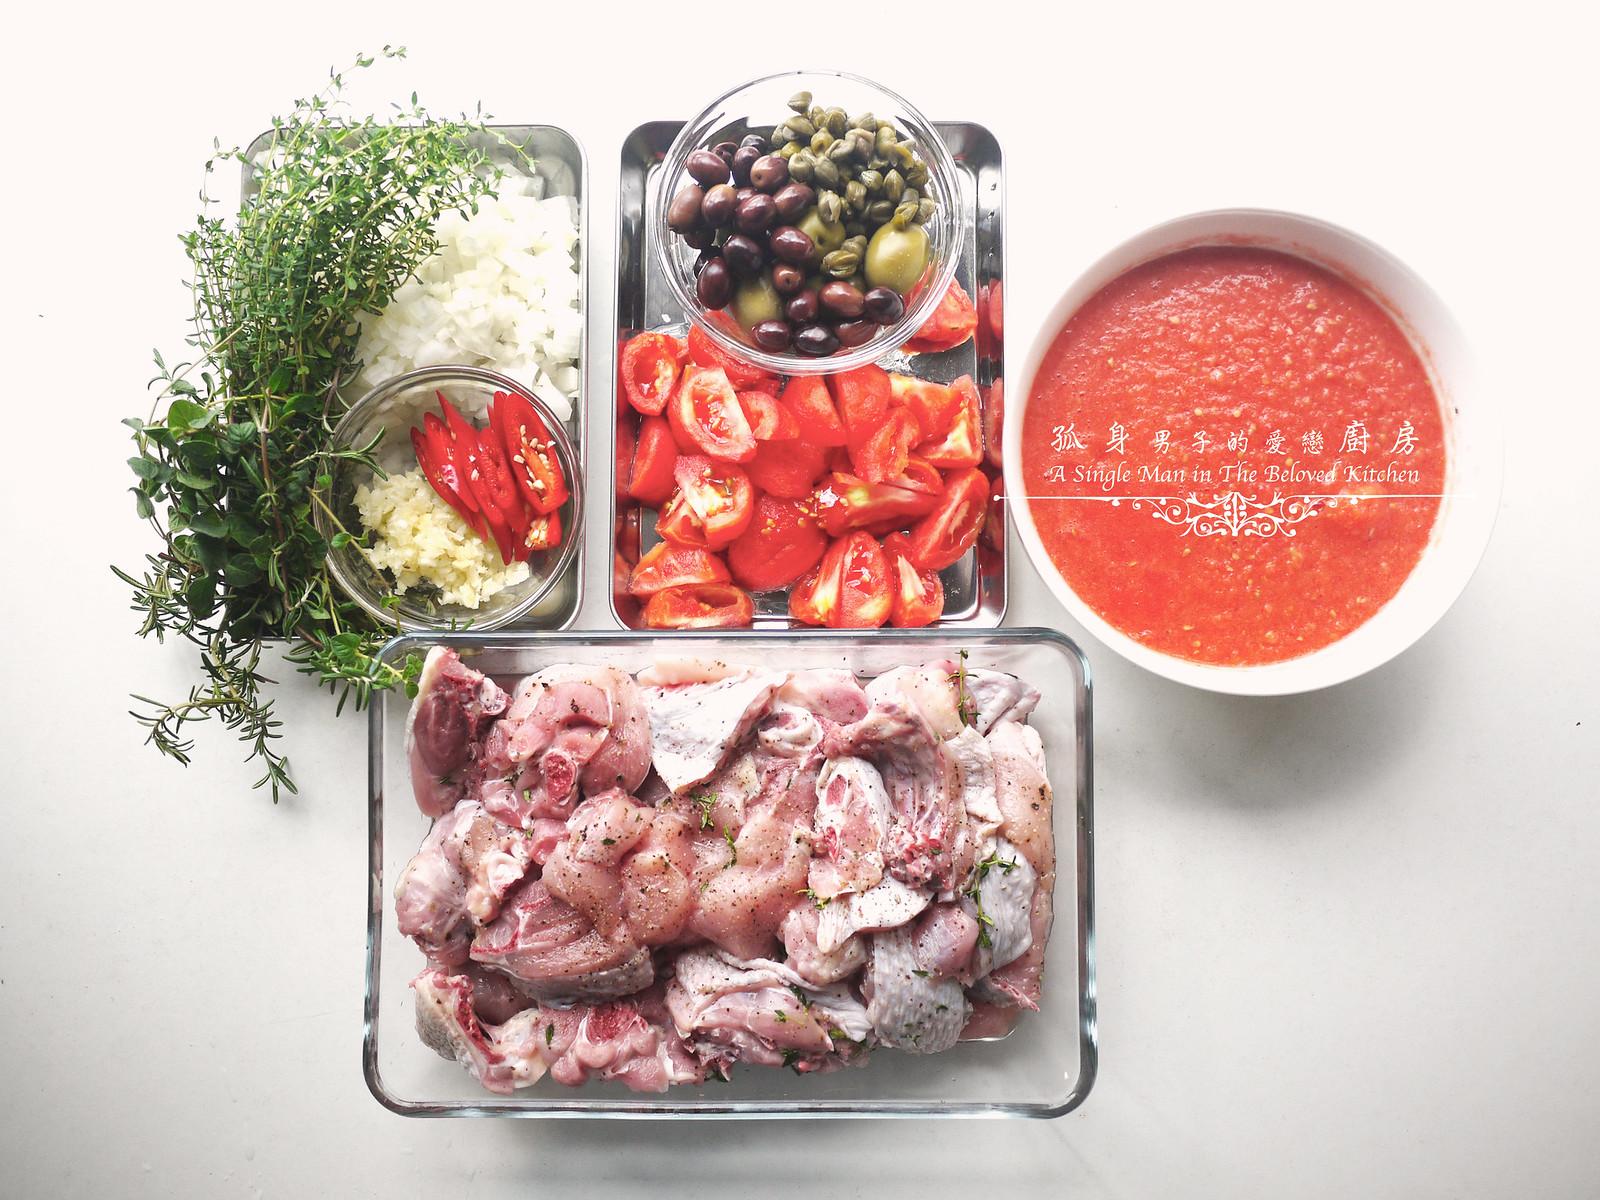 孤身廚房-蕃茄橄欖燴雞肉佐番紅花香米5